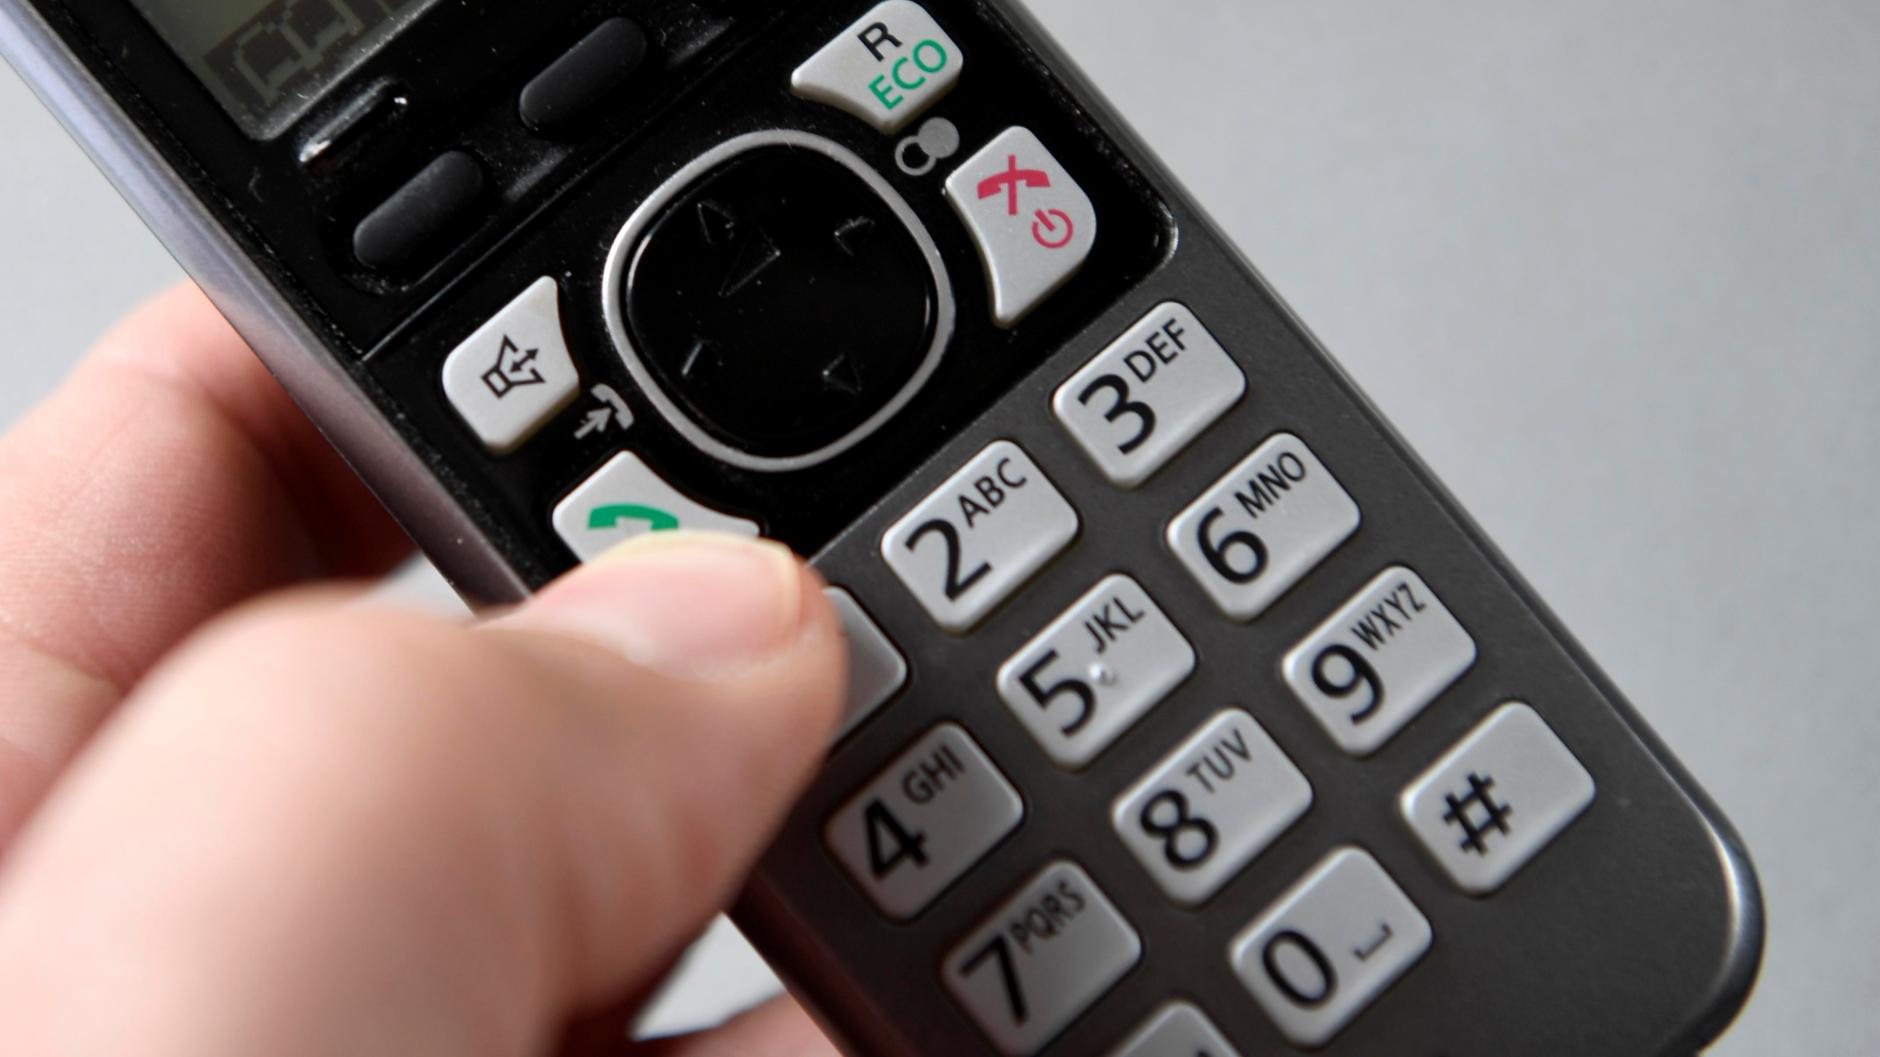 Neu-Ulm: Betrüger gibt sich am Telefon als Microsoft